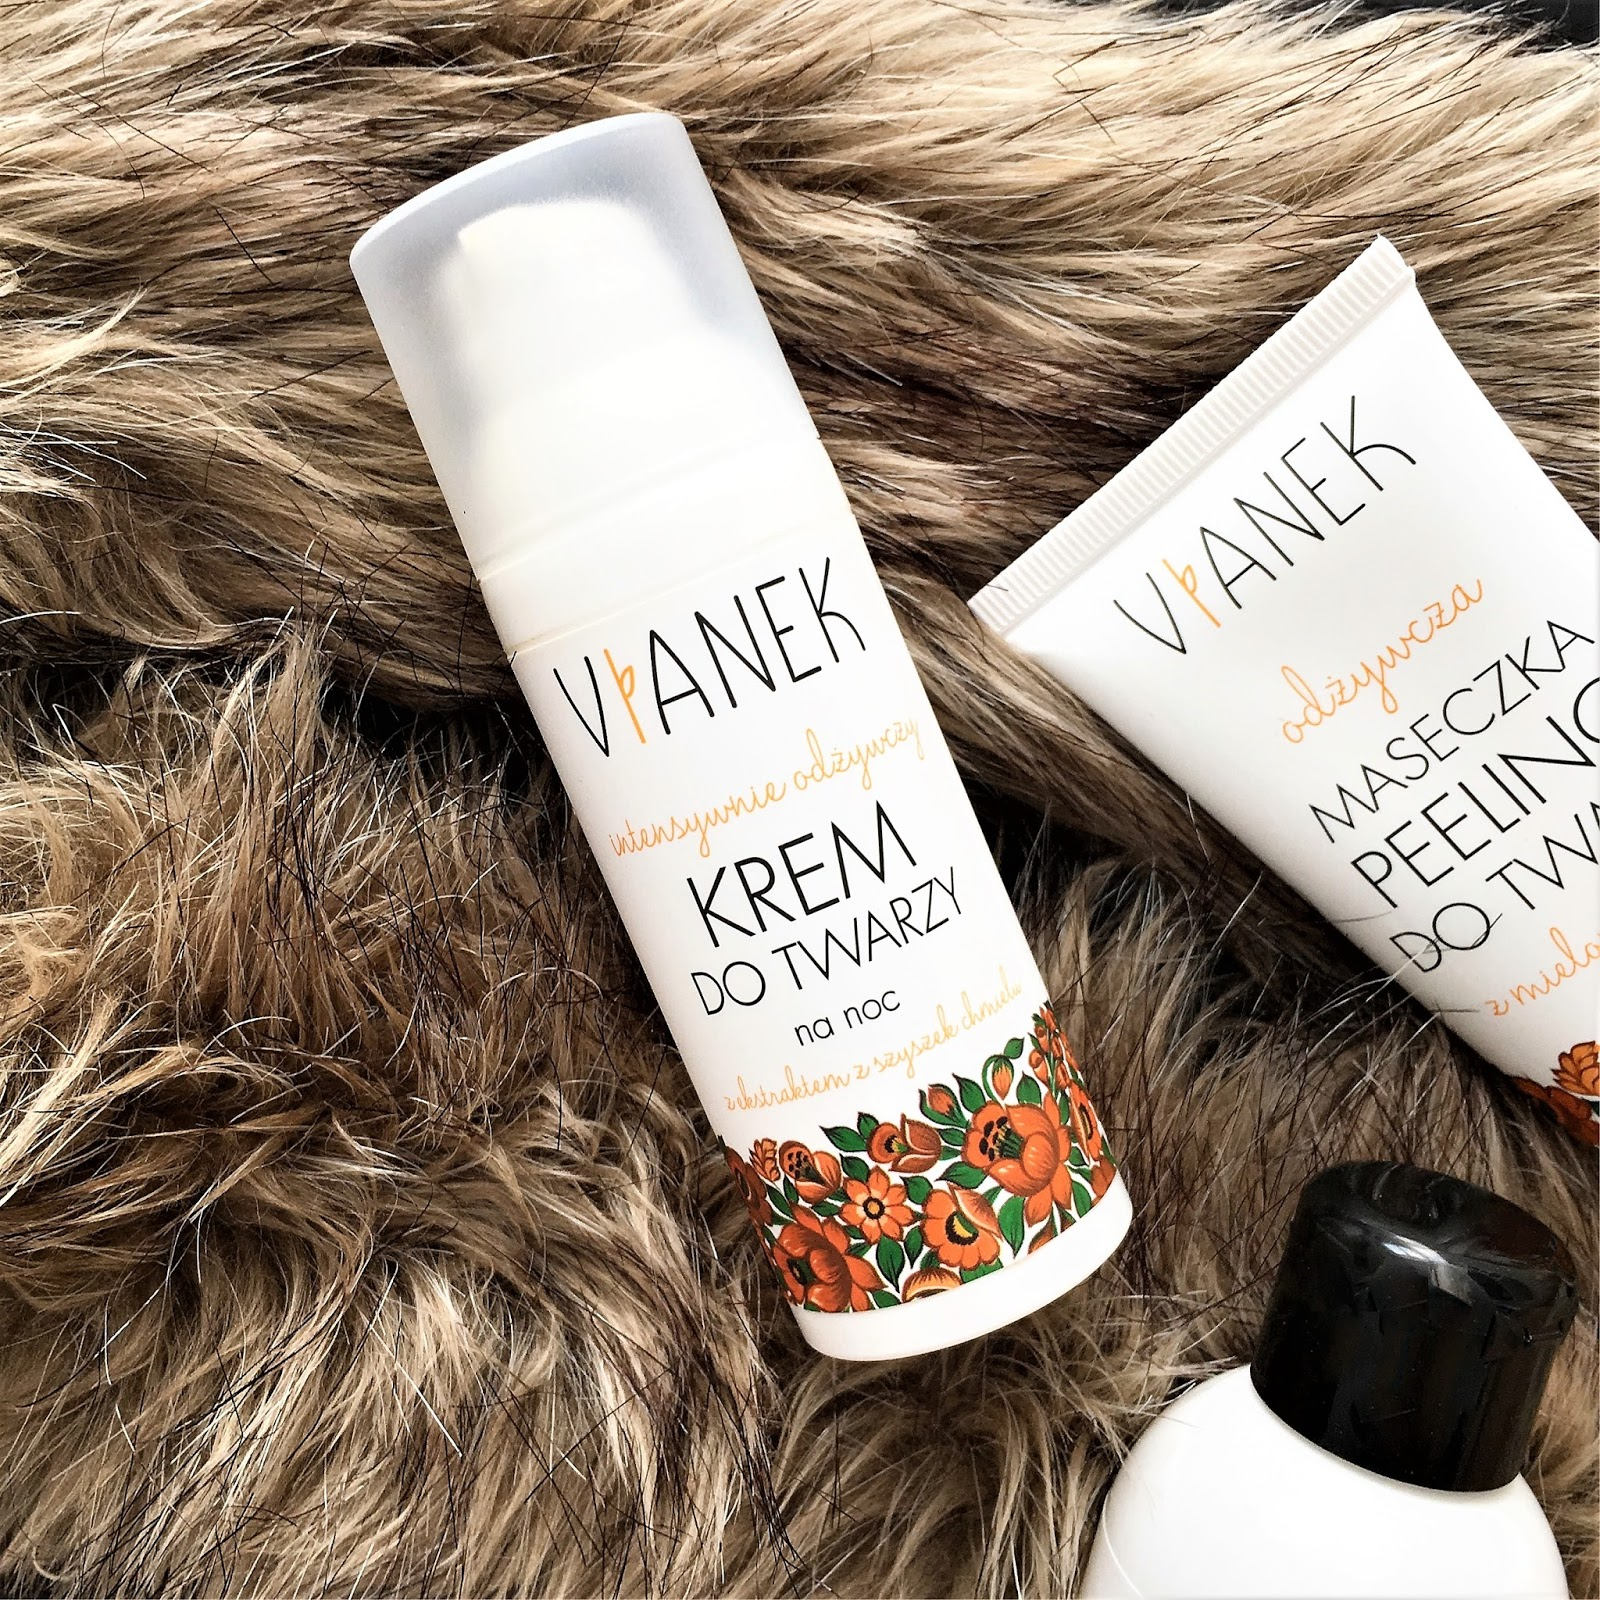 3 produkty do twarzy z Vianka z serii odżywczej: krem